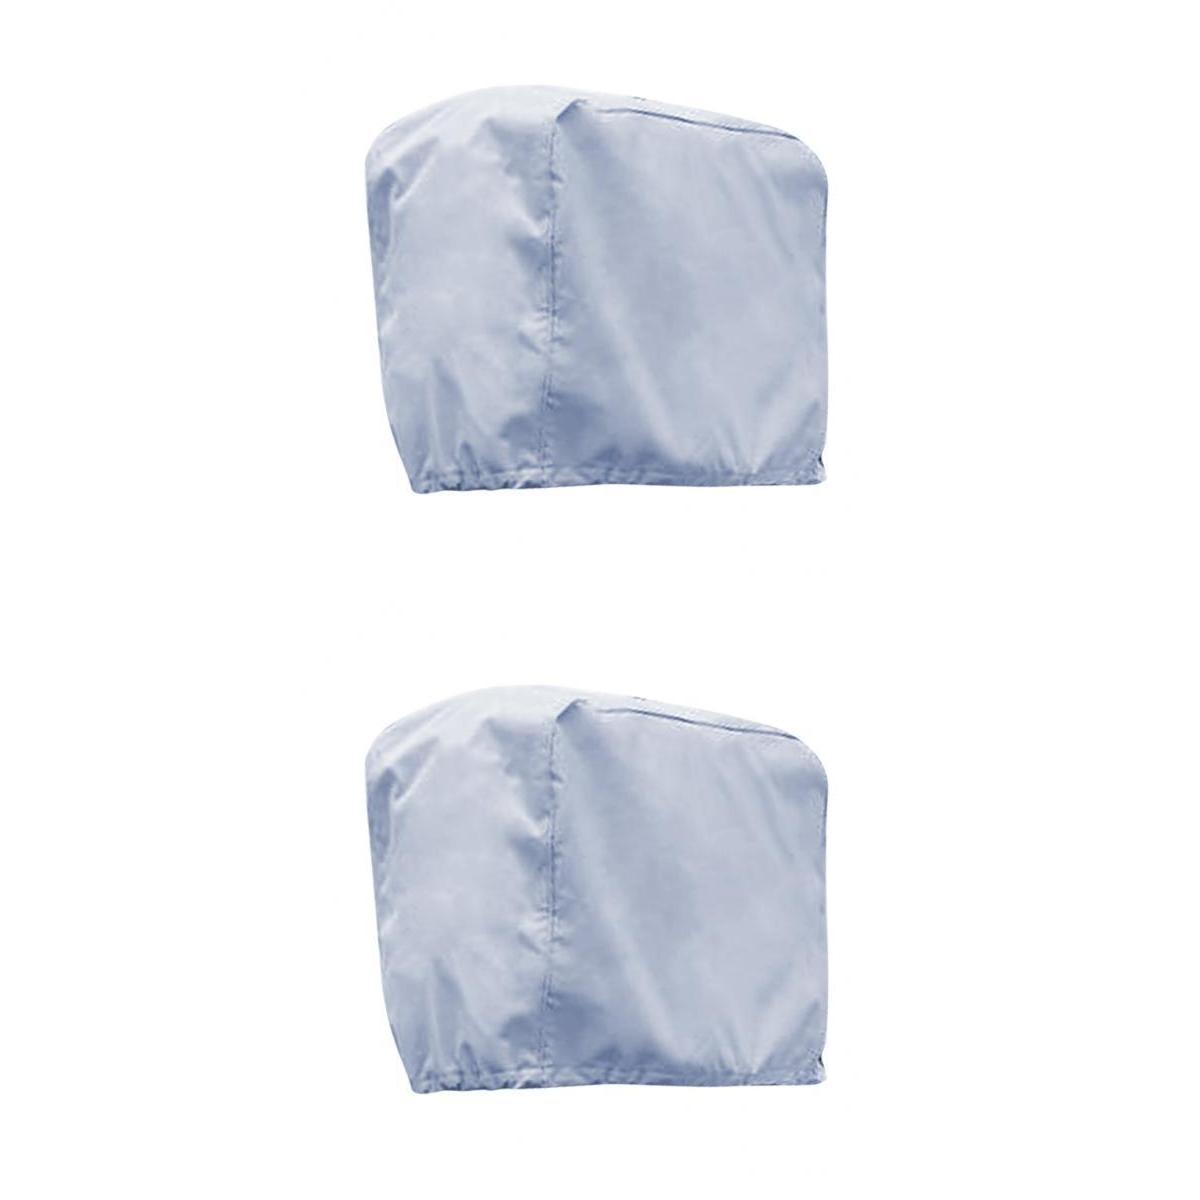 Cubierta De Motor De Barco De Motor De 2 Tamaños Impermeable Y Ventilado Para 2-15 Hp, 70-150hp-agua, Moho, Resistente A Los Rayos Uv